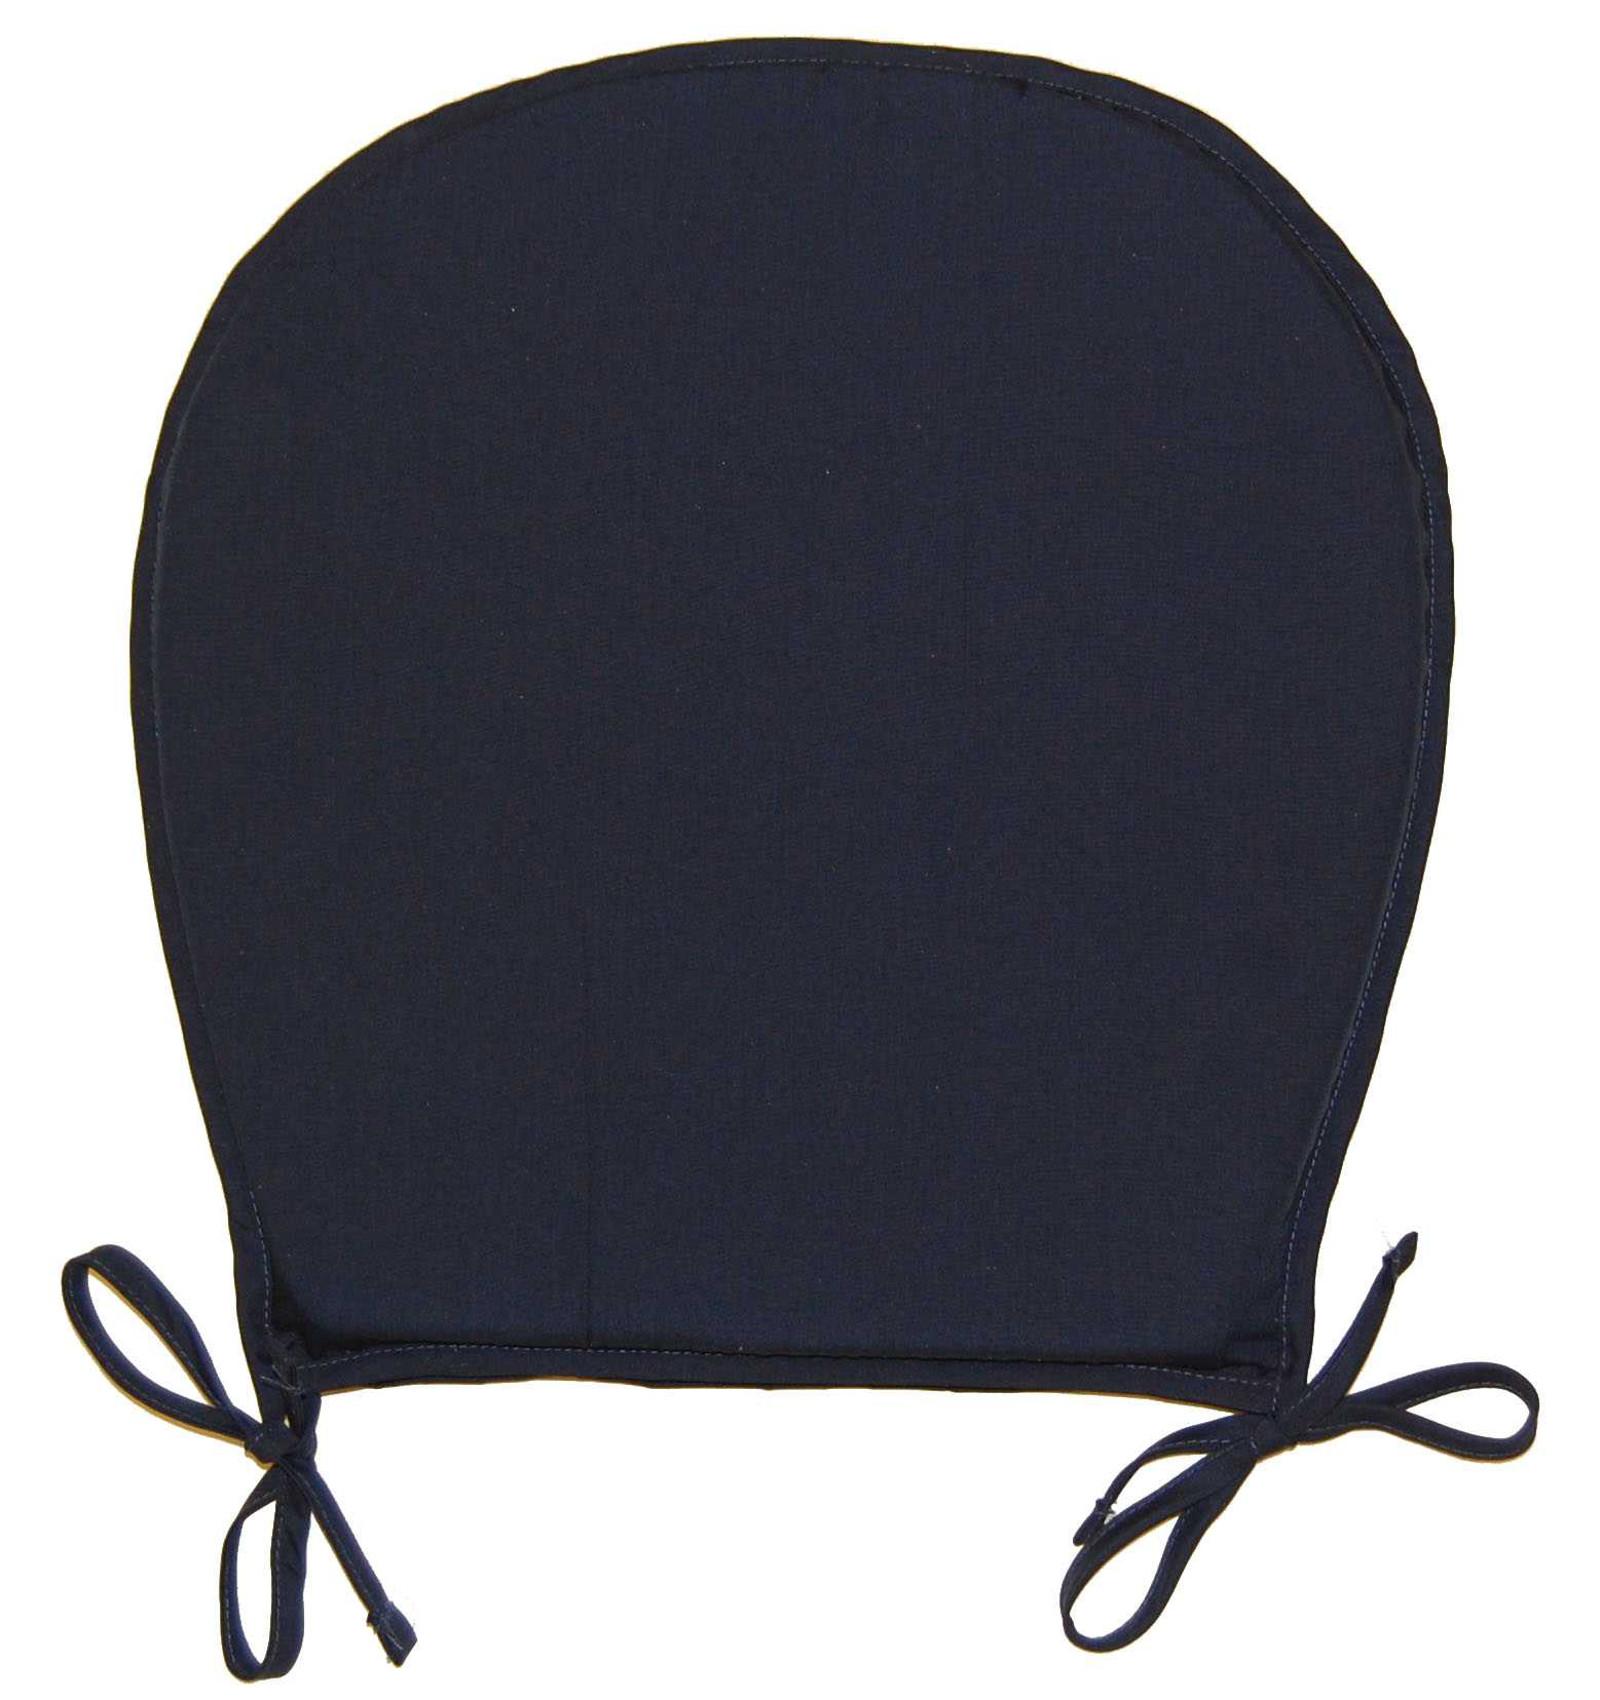 plain round seat pad outdoor garden dining kitchen chair